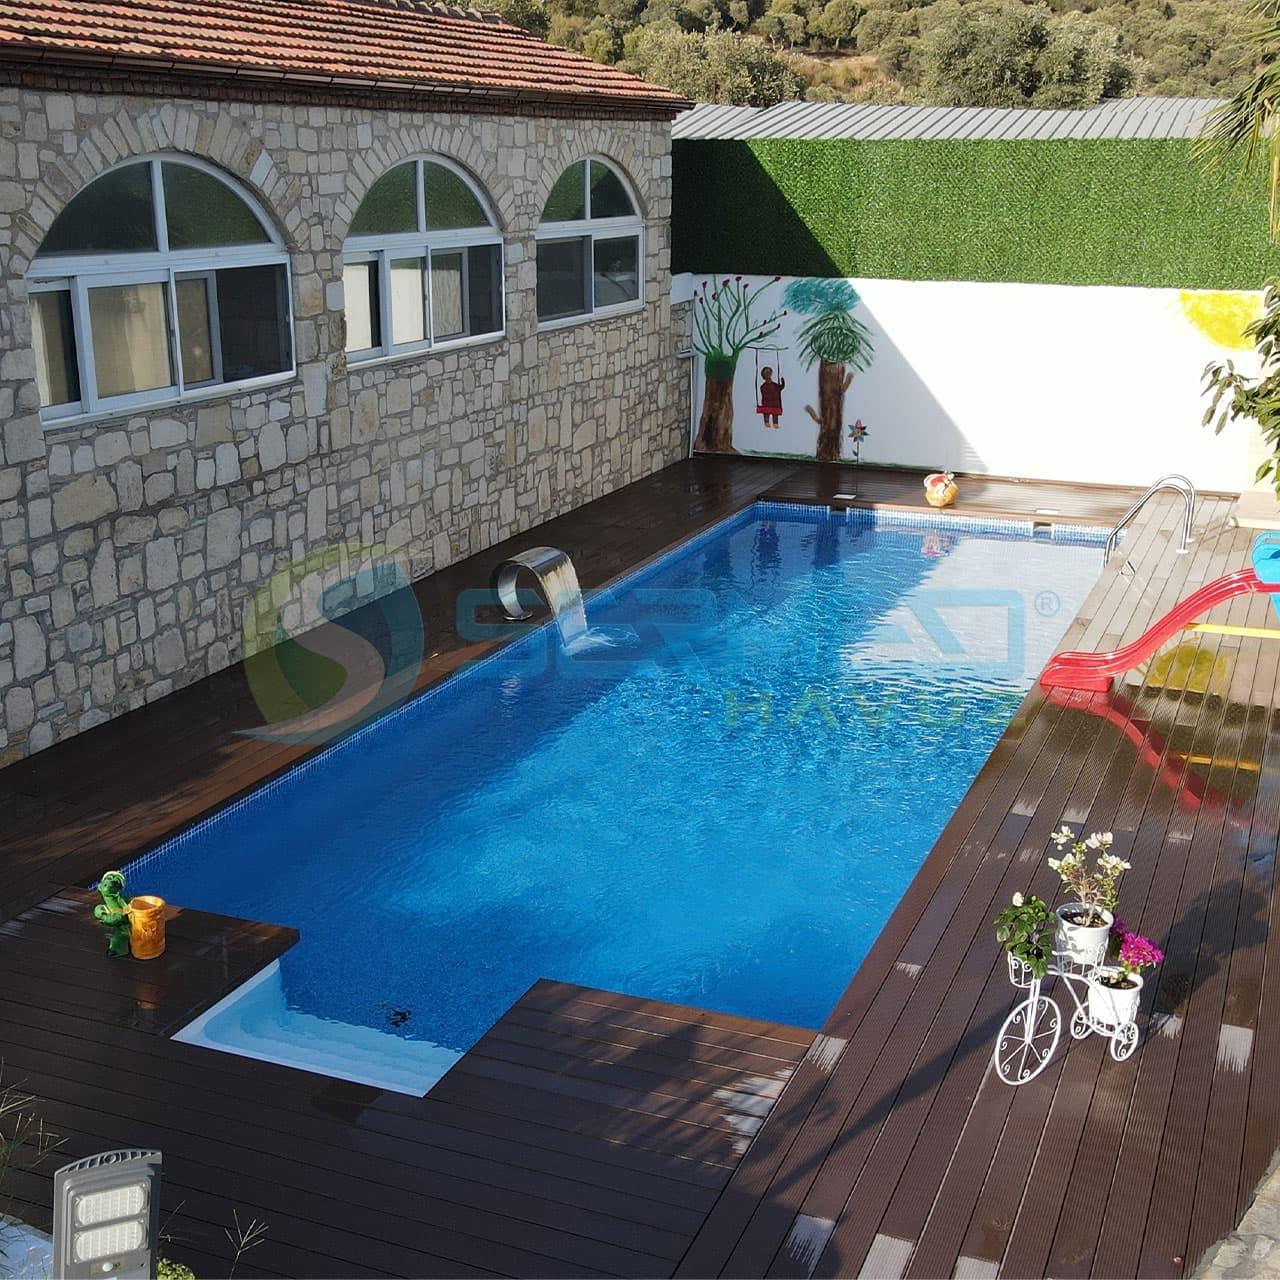 İzmir'de Selçuk Sadık Bey Fipool Plus Havuz Sermed Havuz tarafından yapıldı.